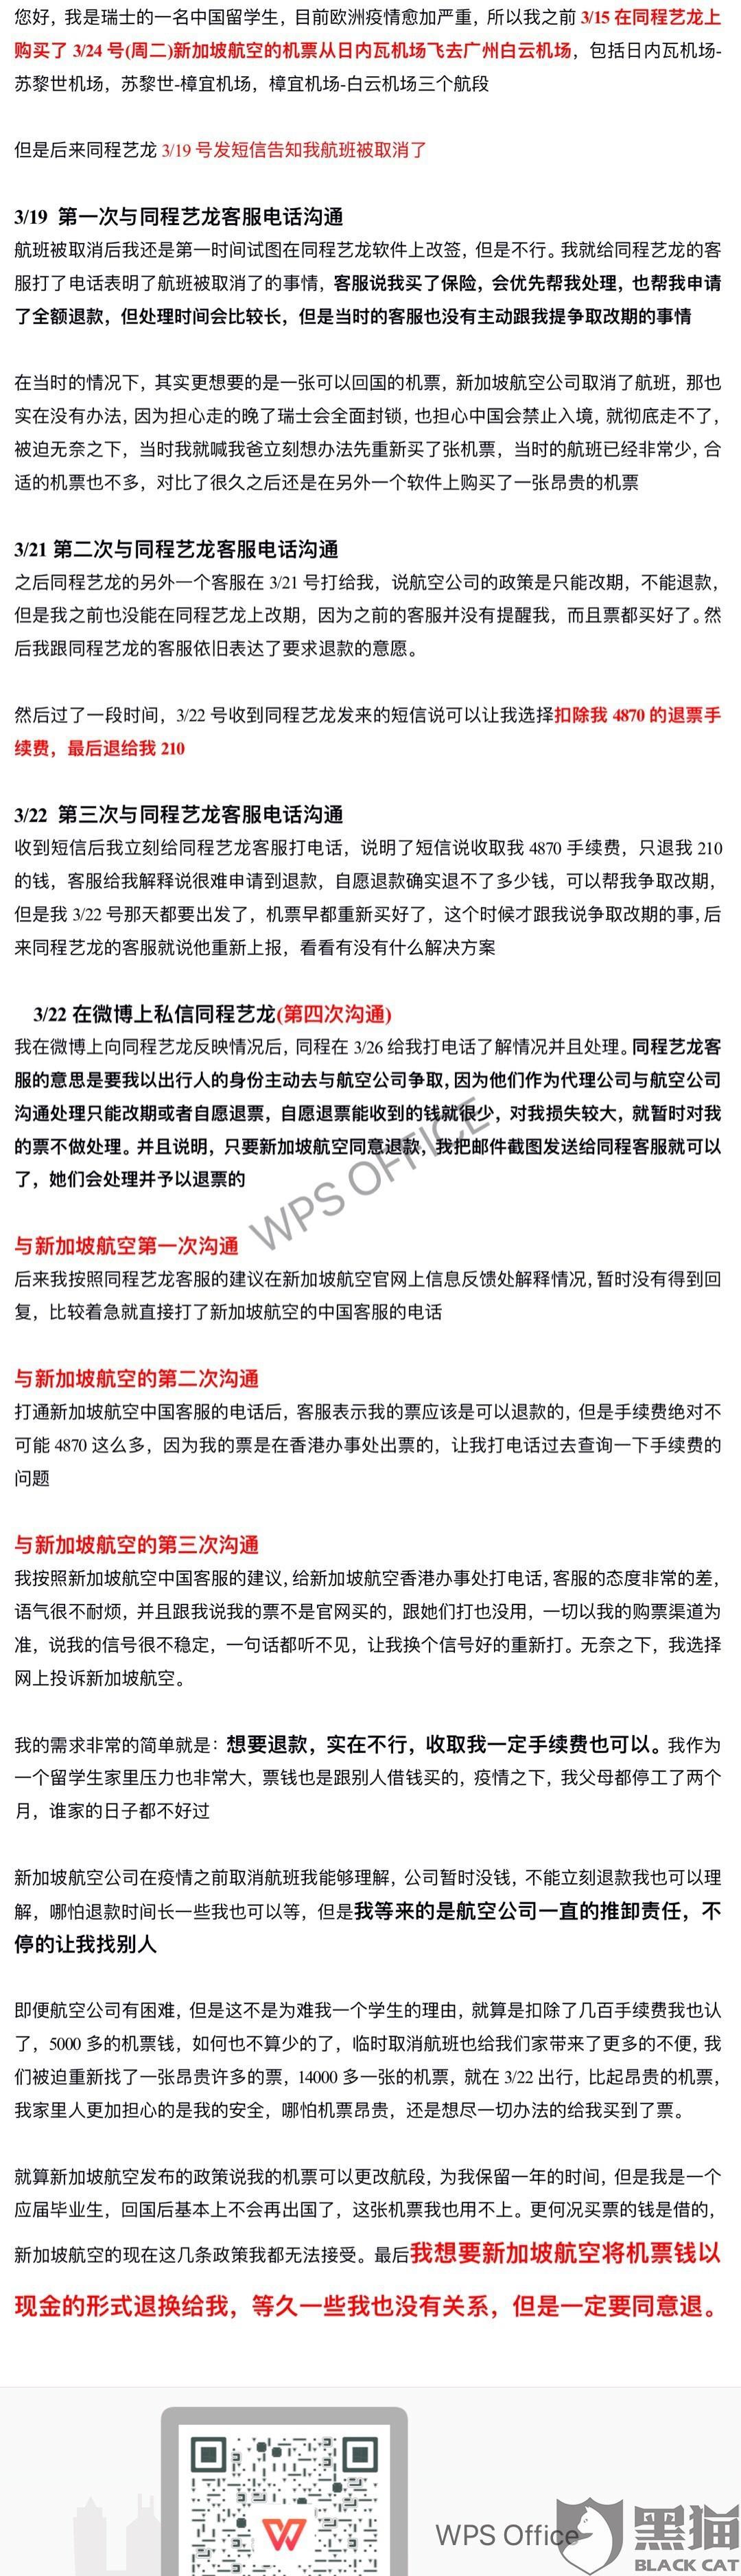 黑猫投诉:新加坡航空公司取消航班,但不予以合理退款,并向同程艺龙推卸责任